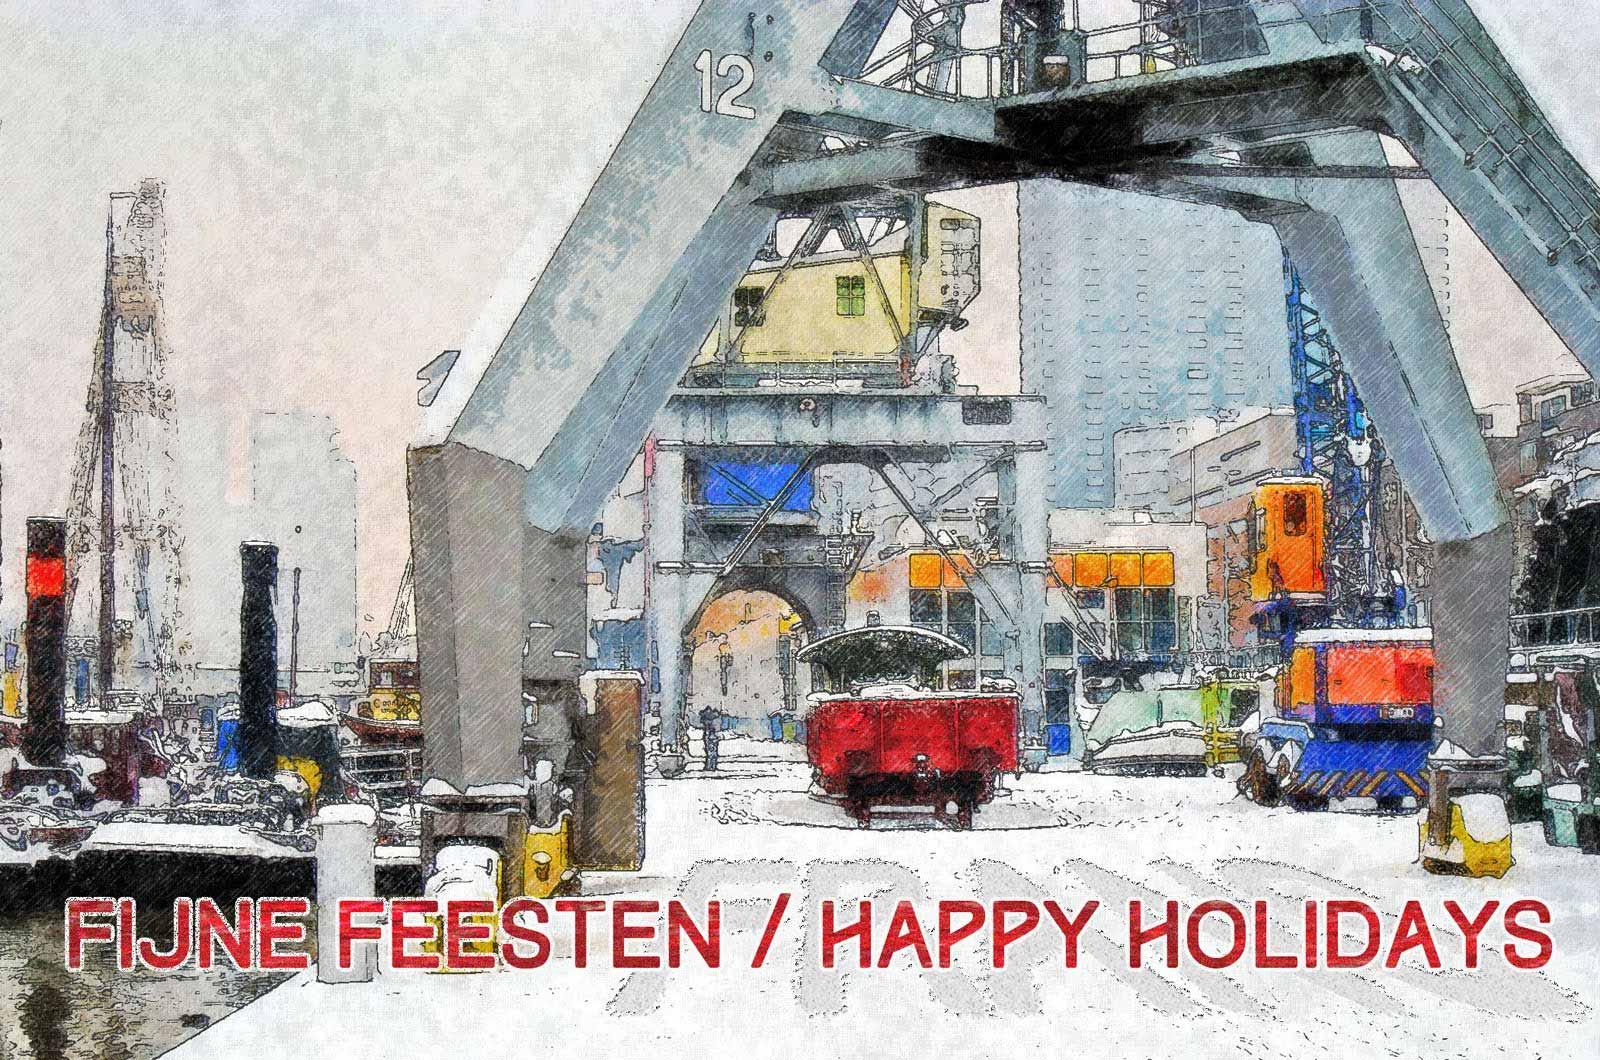 Kerstkaart van de auteur: een bewerkte foto van het Maritiem buitenmuseum aan de Leuvehaven in Rotterdam in de sneeuw